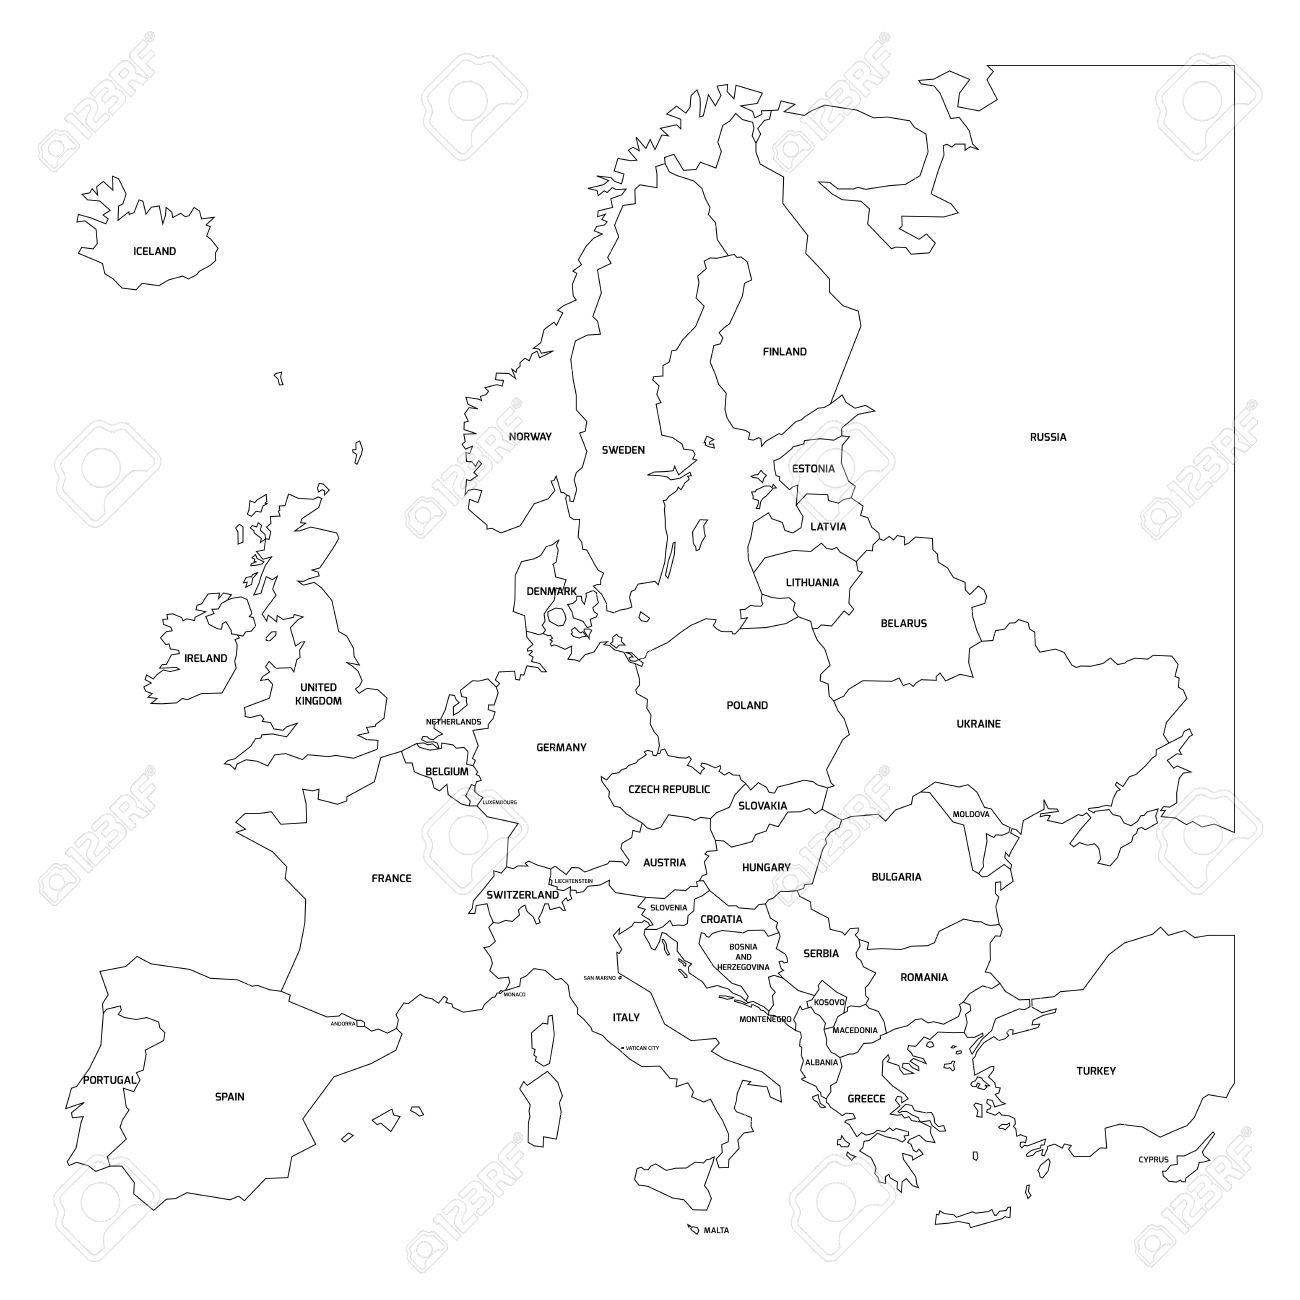 bersichtskarte von europa vereinfachte karte aus schwarzem zustand contous auf weissem hintergrund mit schwarzen etiketten landern europas